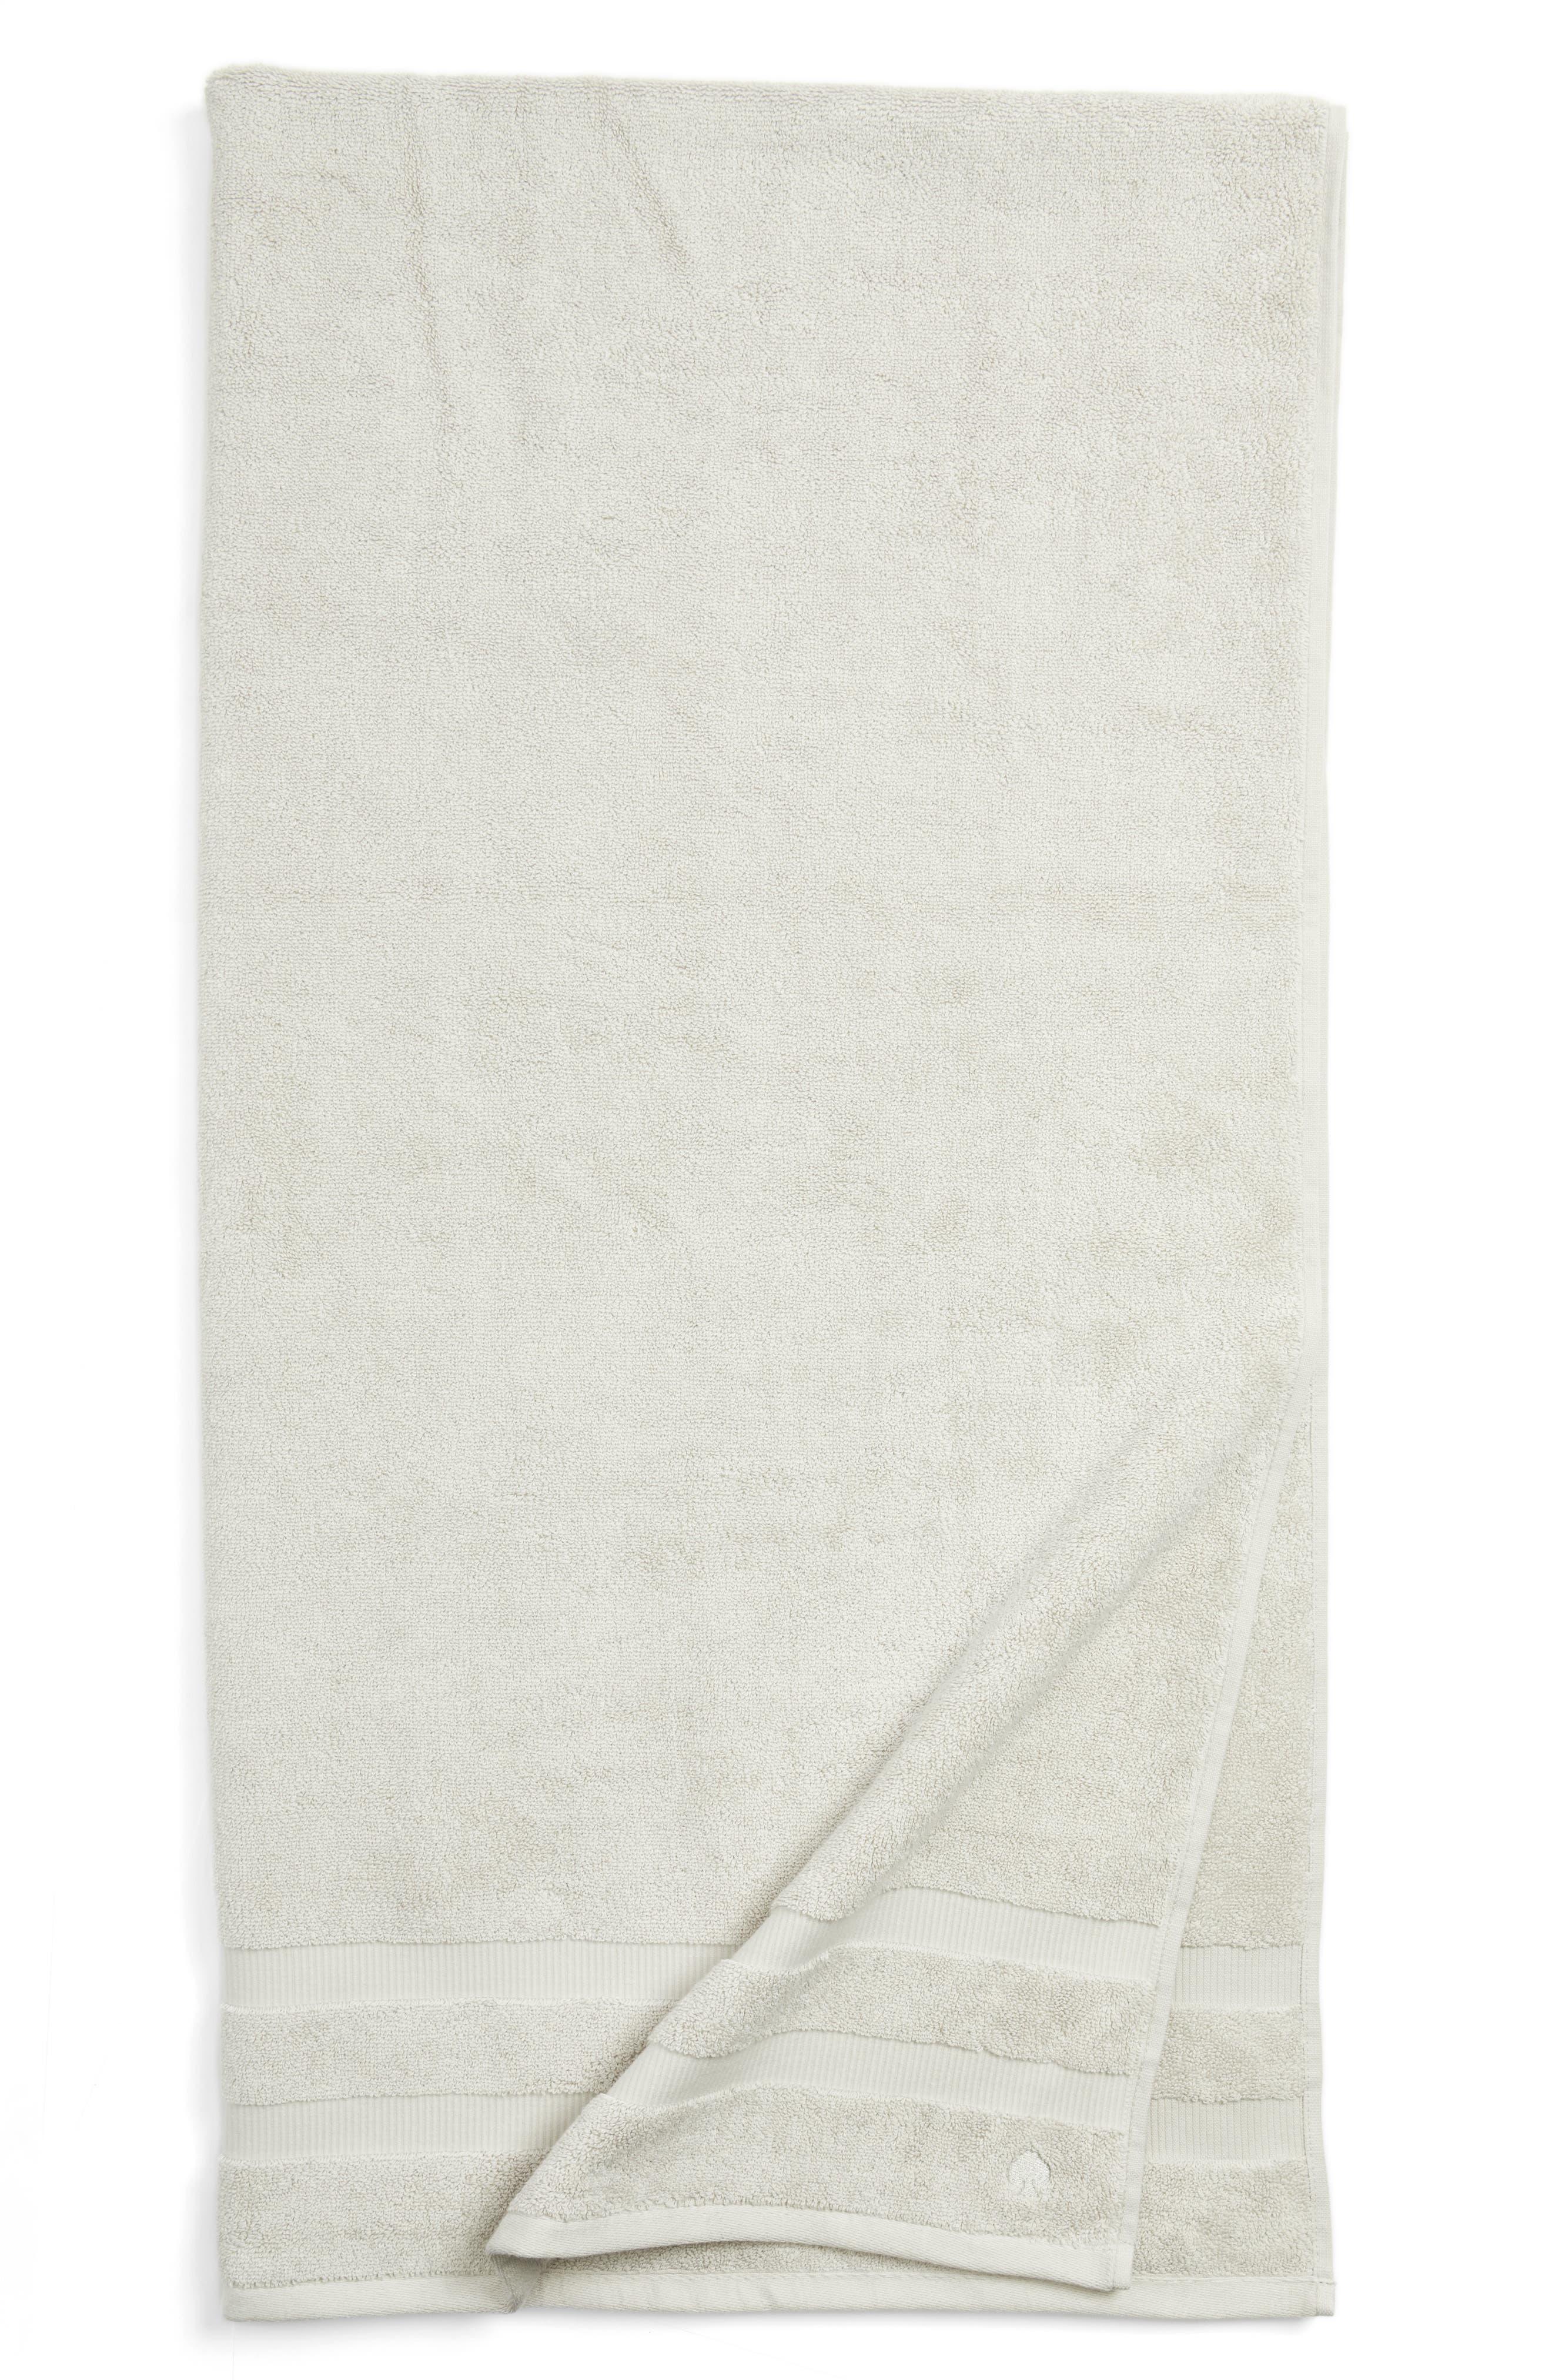 Main Image - kate spade new york 'chattam' stripe bath sheet